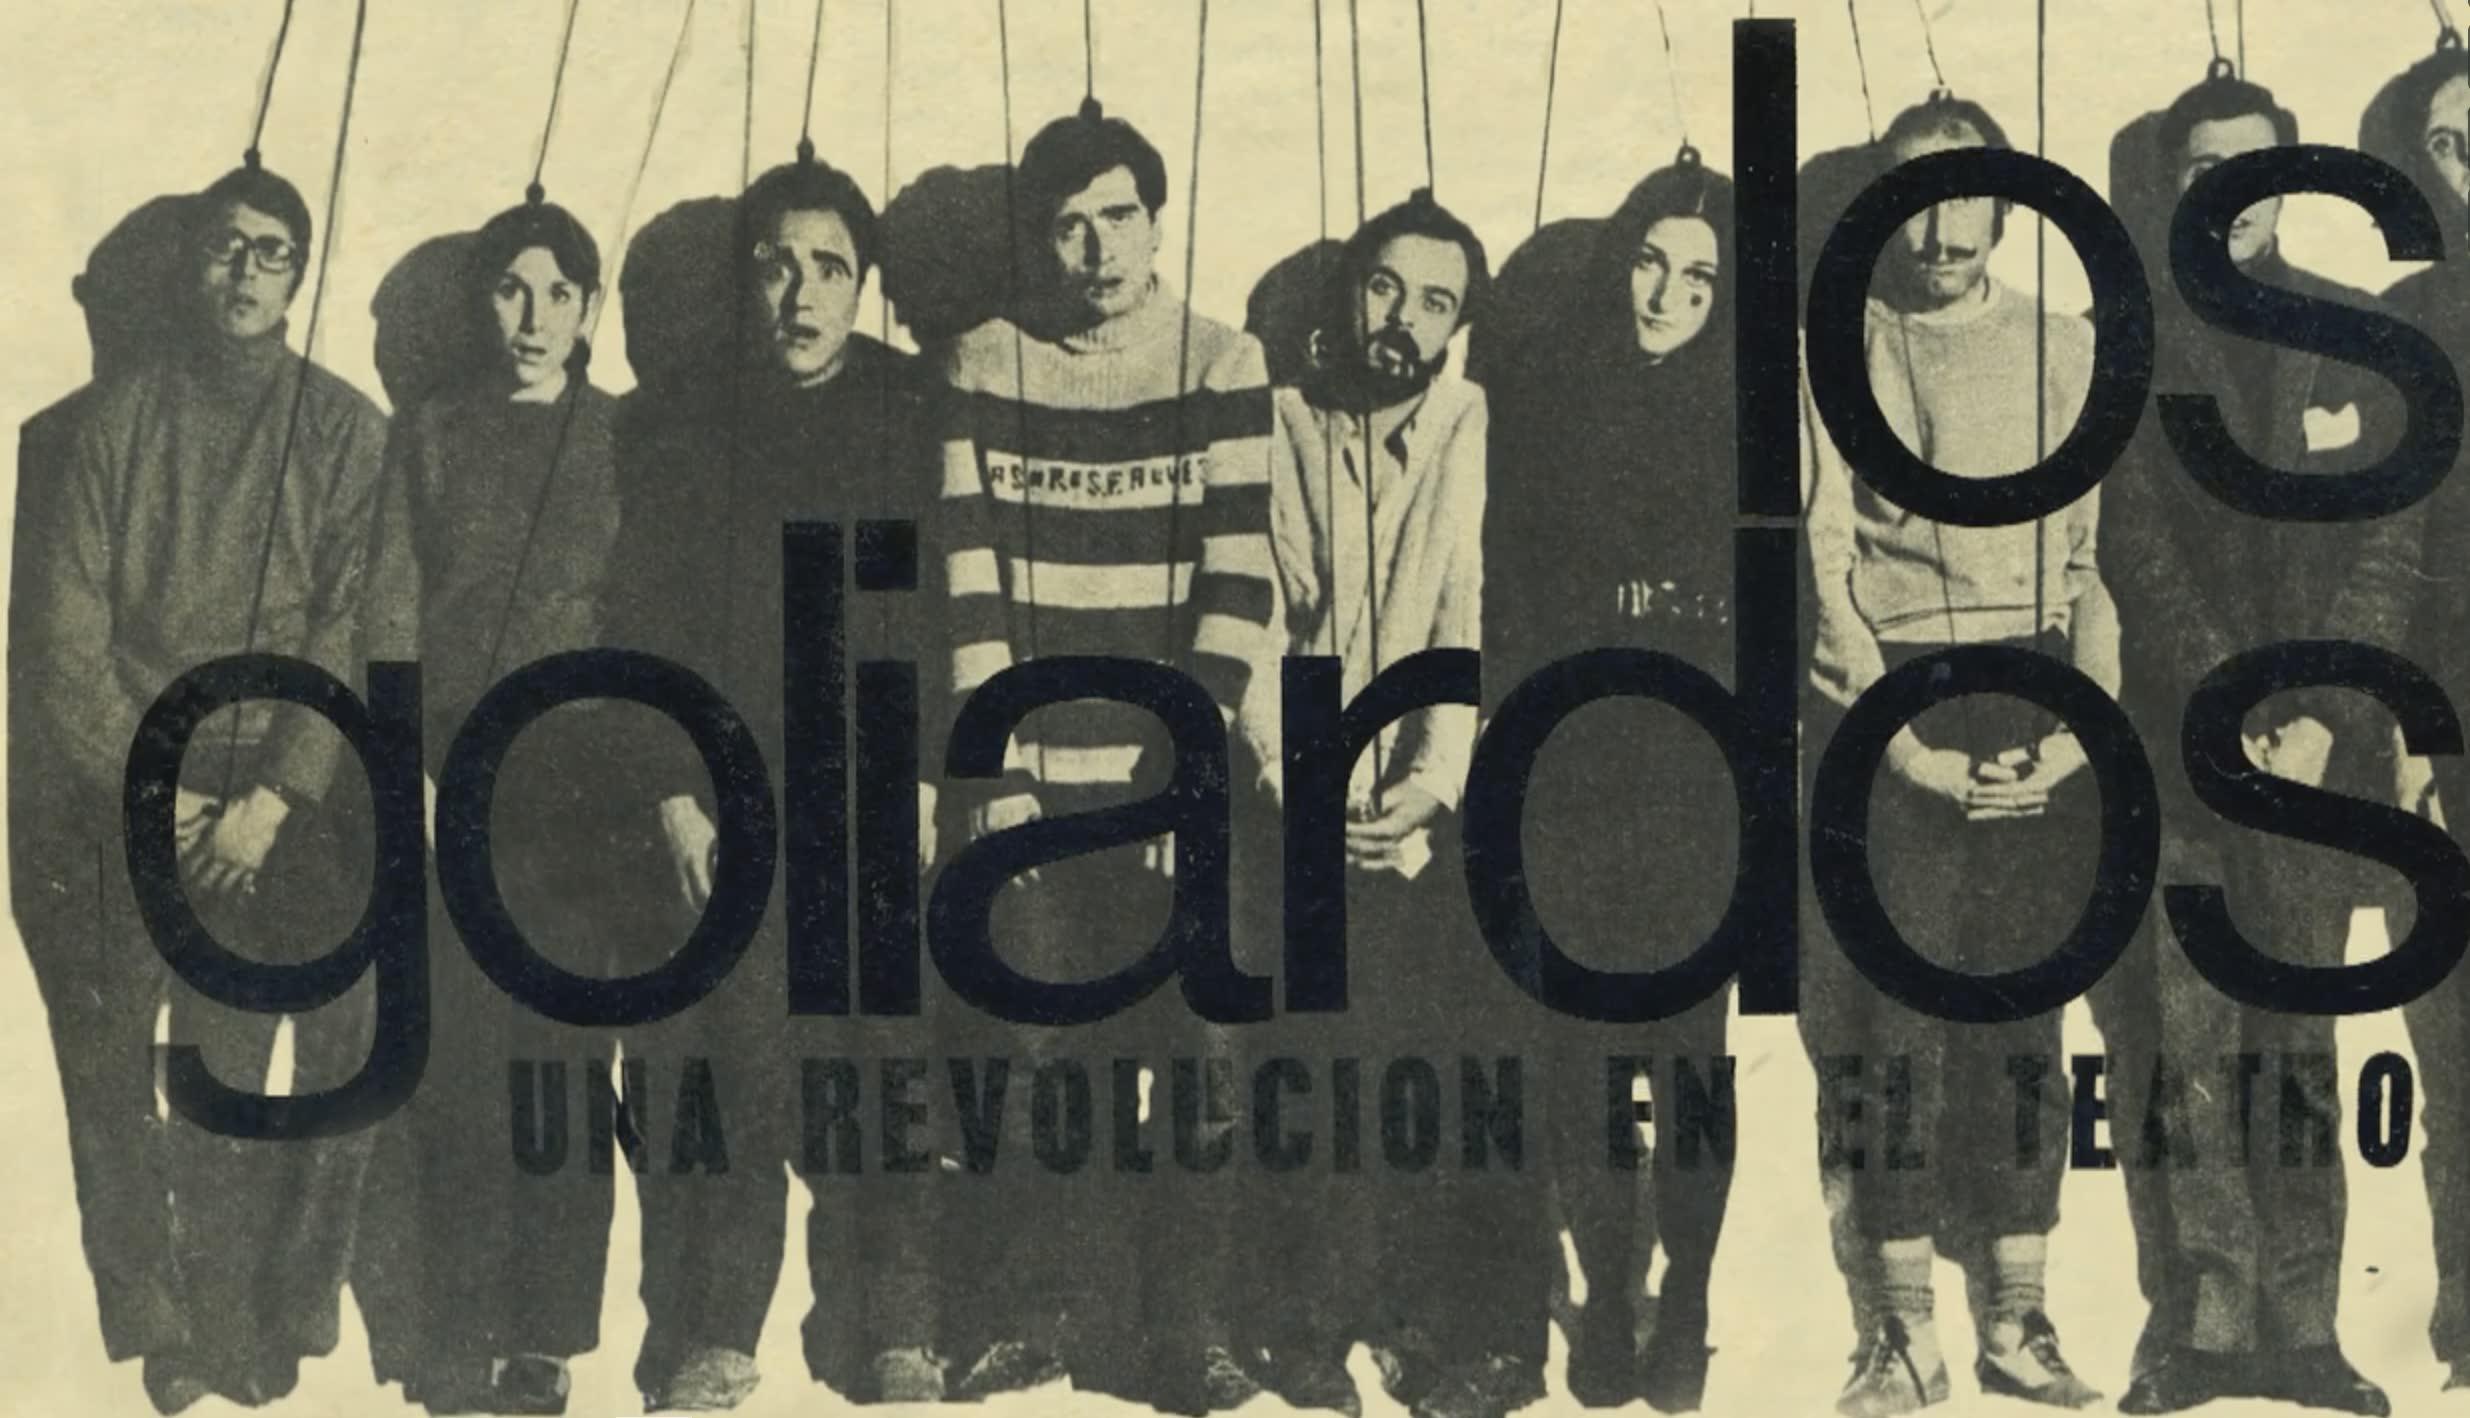 Documental Los Goliardos, una revolución en el teatro